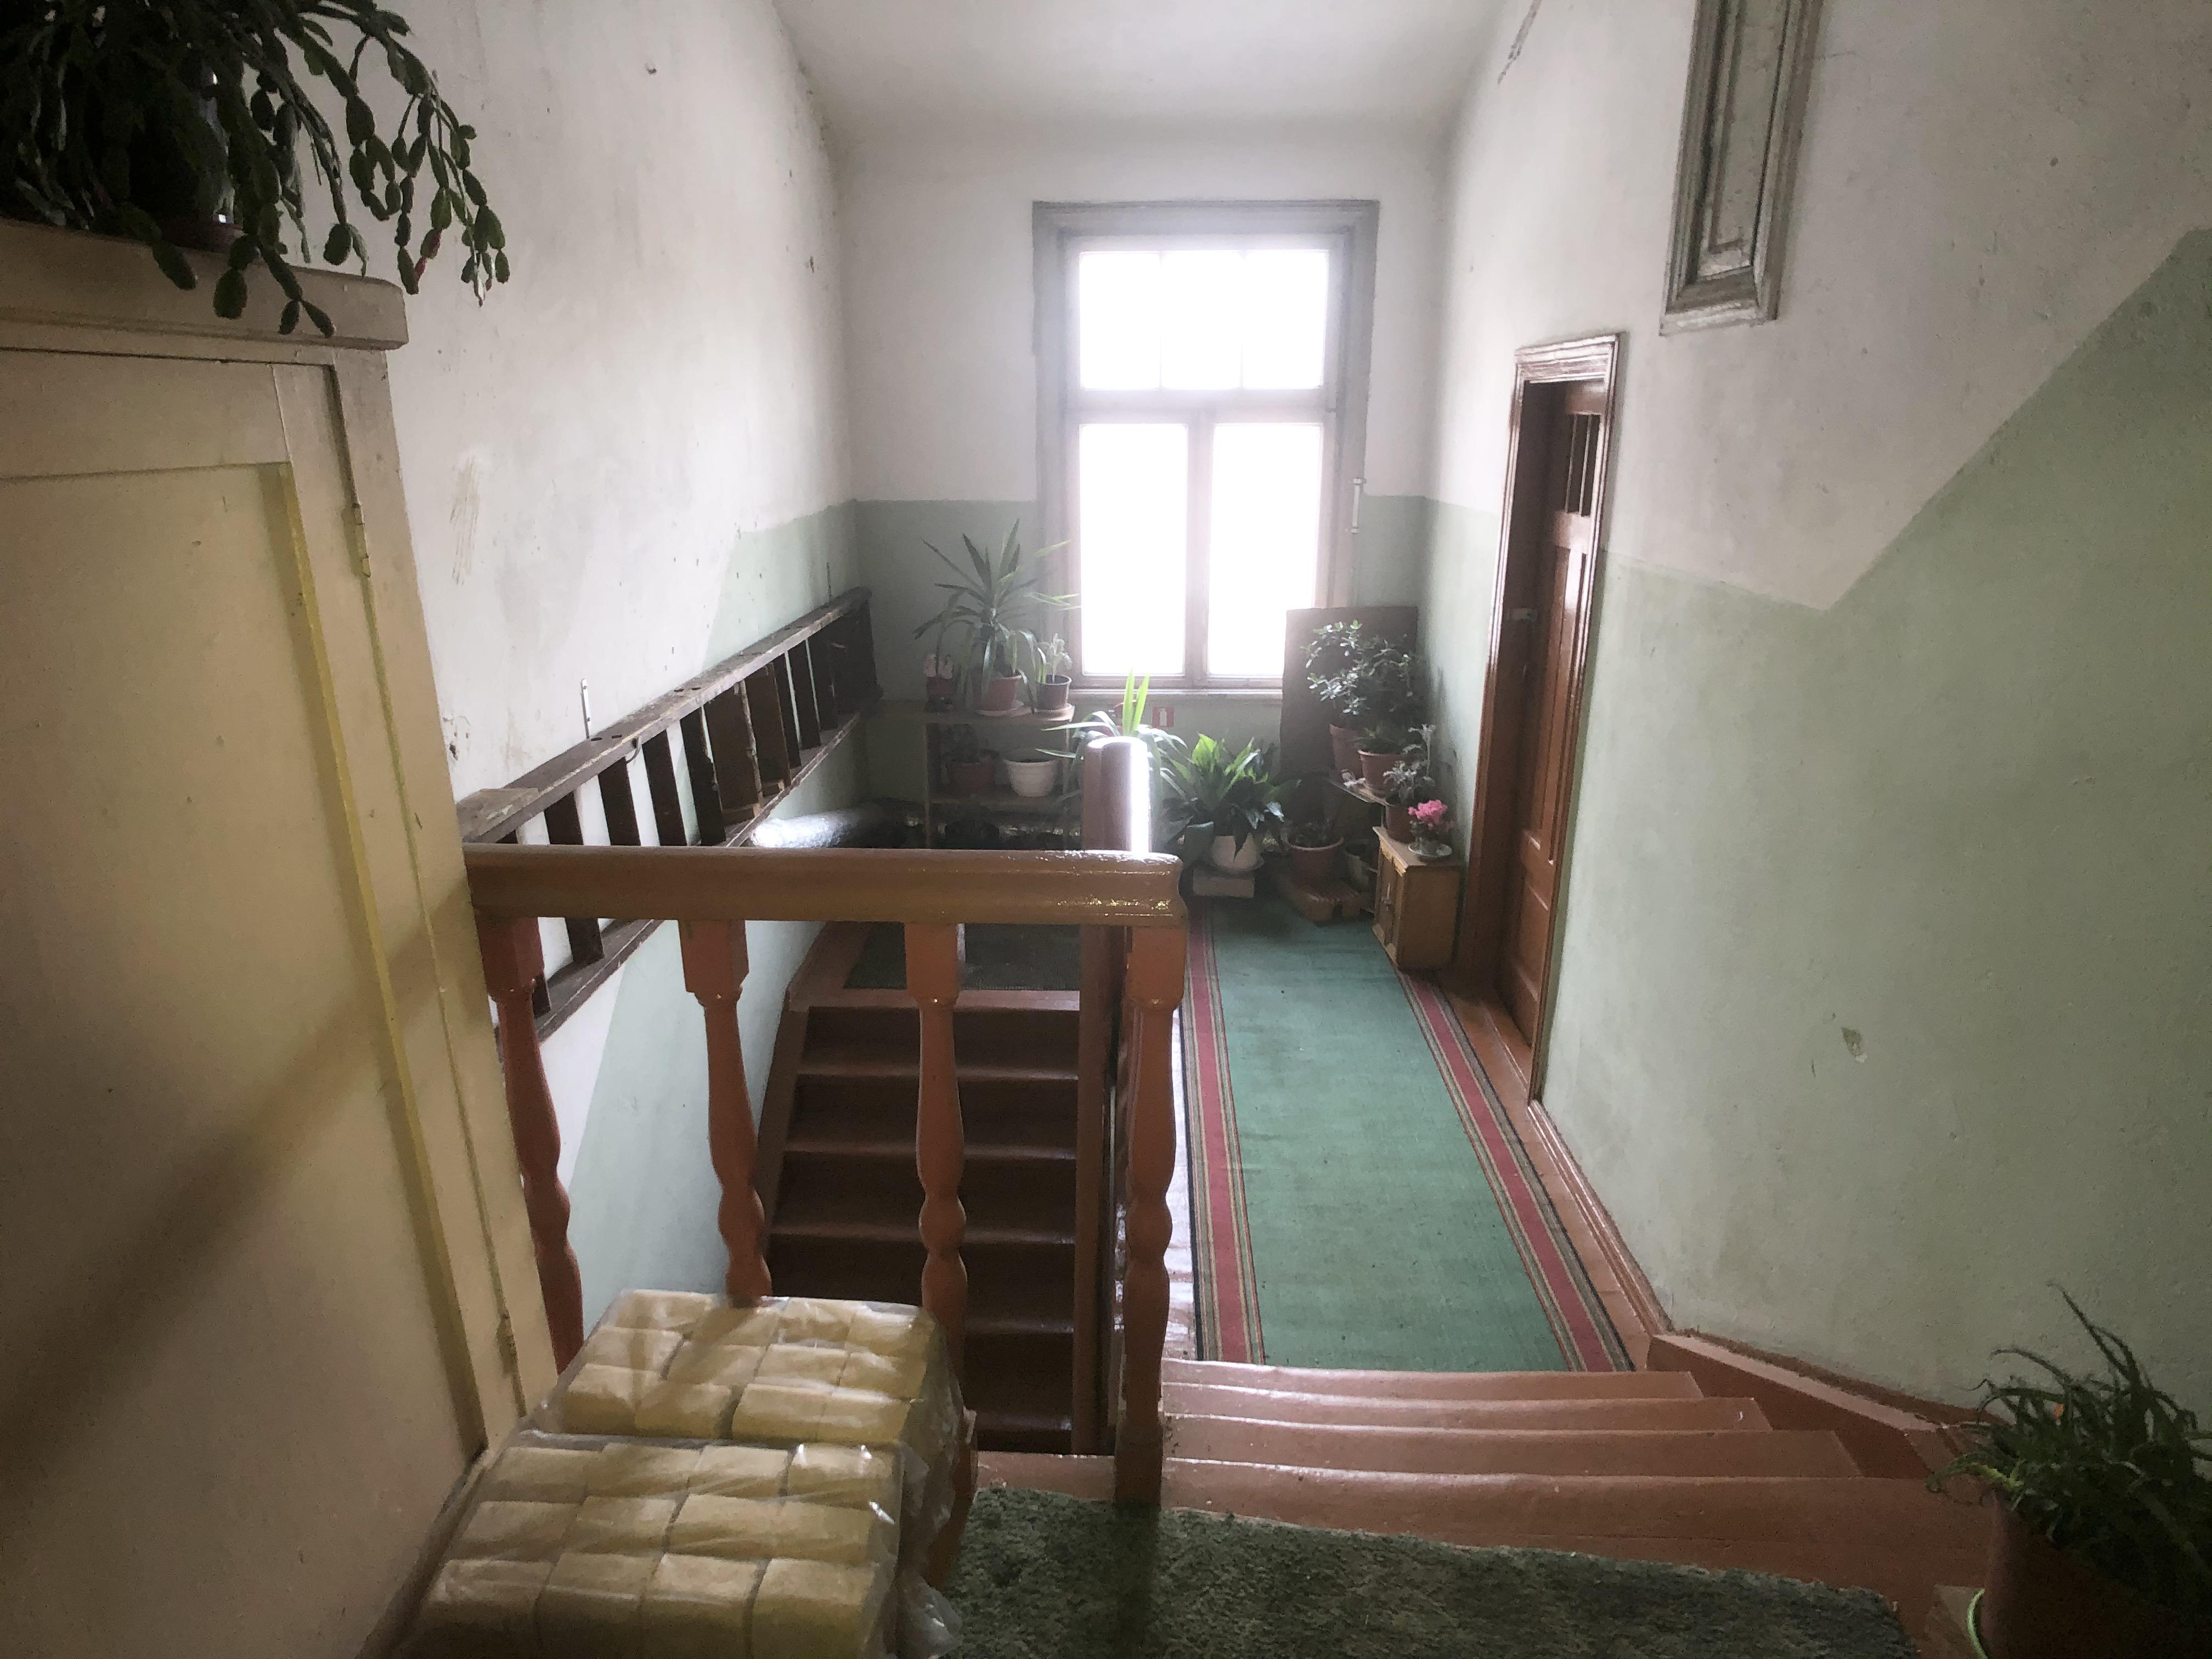 Pārdod māju, Magoņu iela - Attēls 1